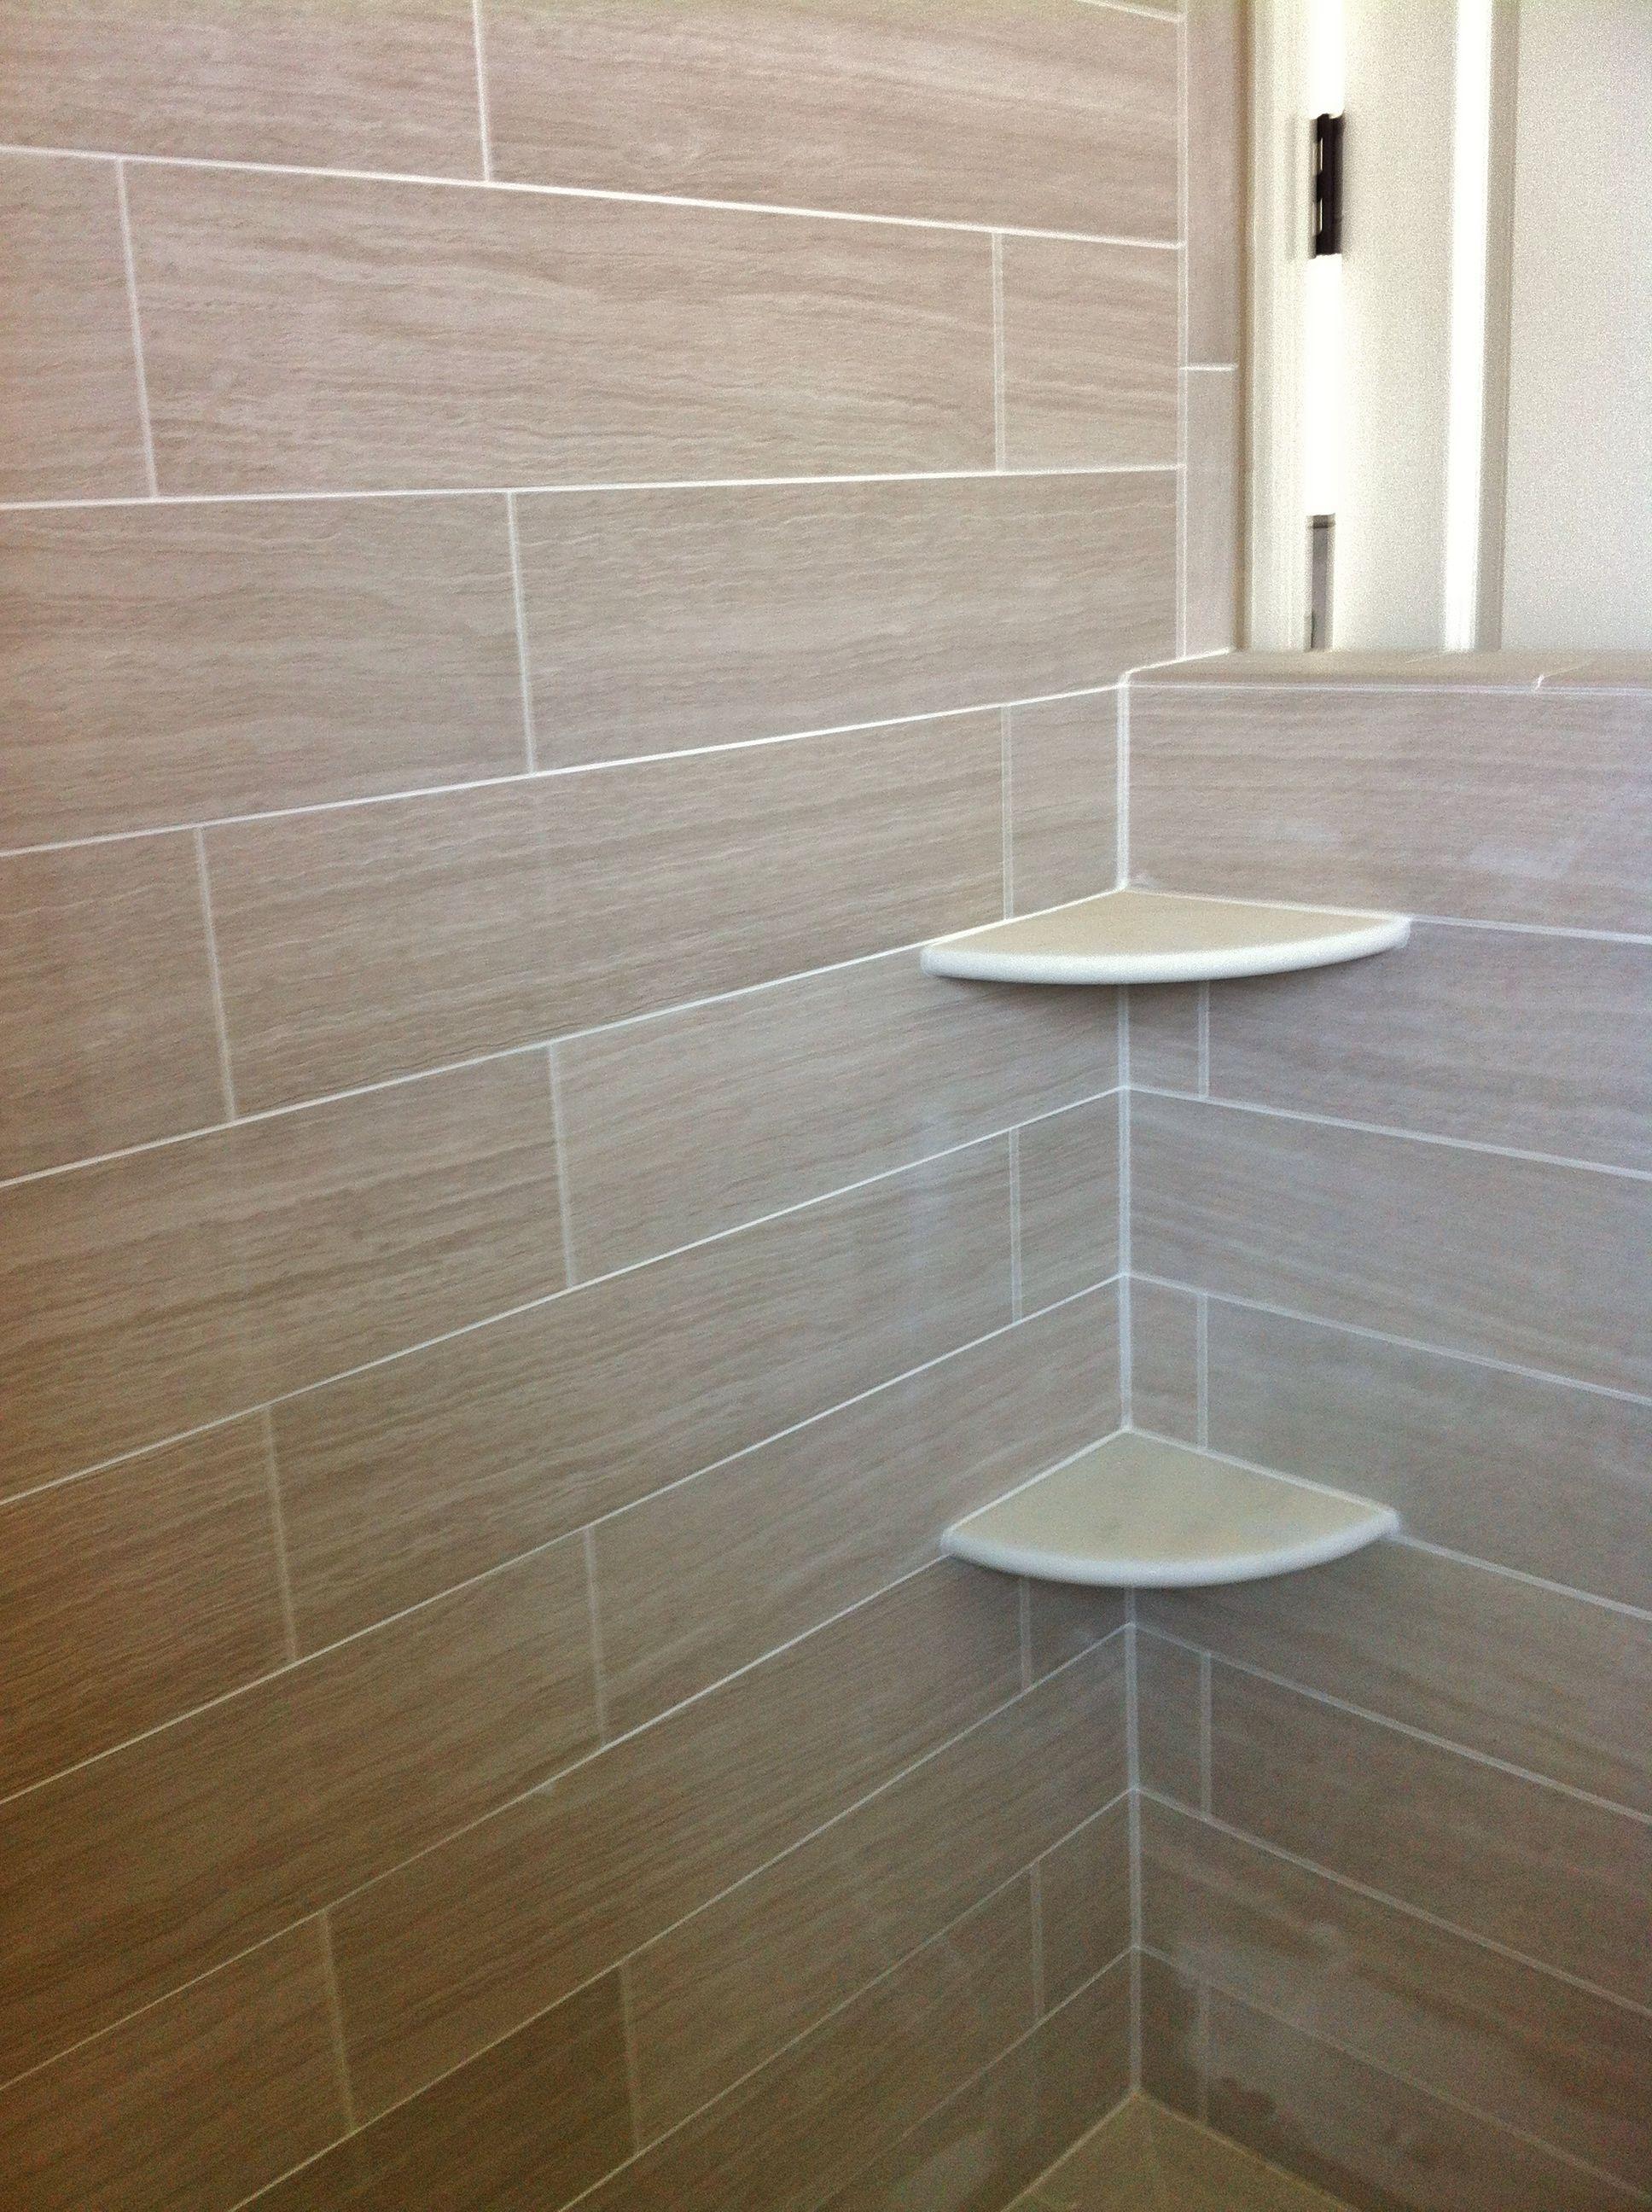 Alabaster Corner Shelves In Shower With 6x24 Porcelain Tile On Walls